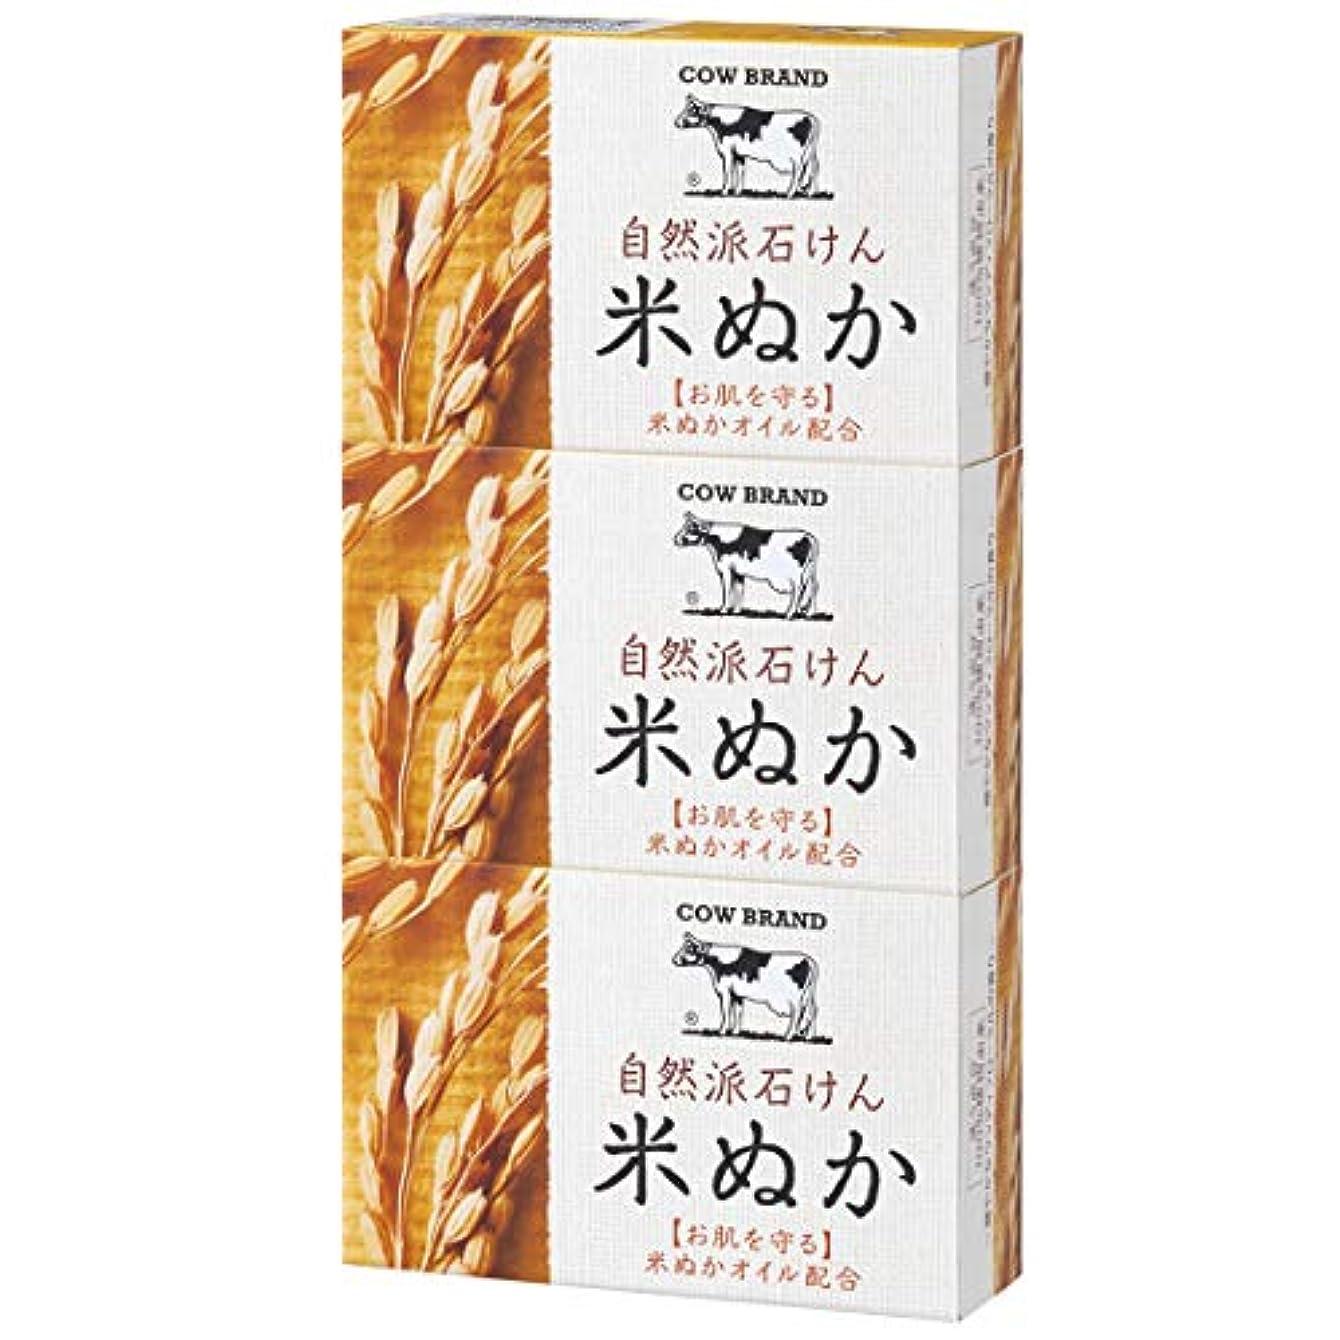 相対サイズ休憩するヘクタールカウブランド 自然派石けん 米ぬか 100g*3個